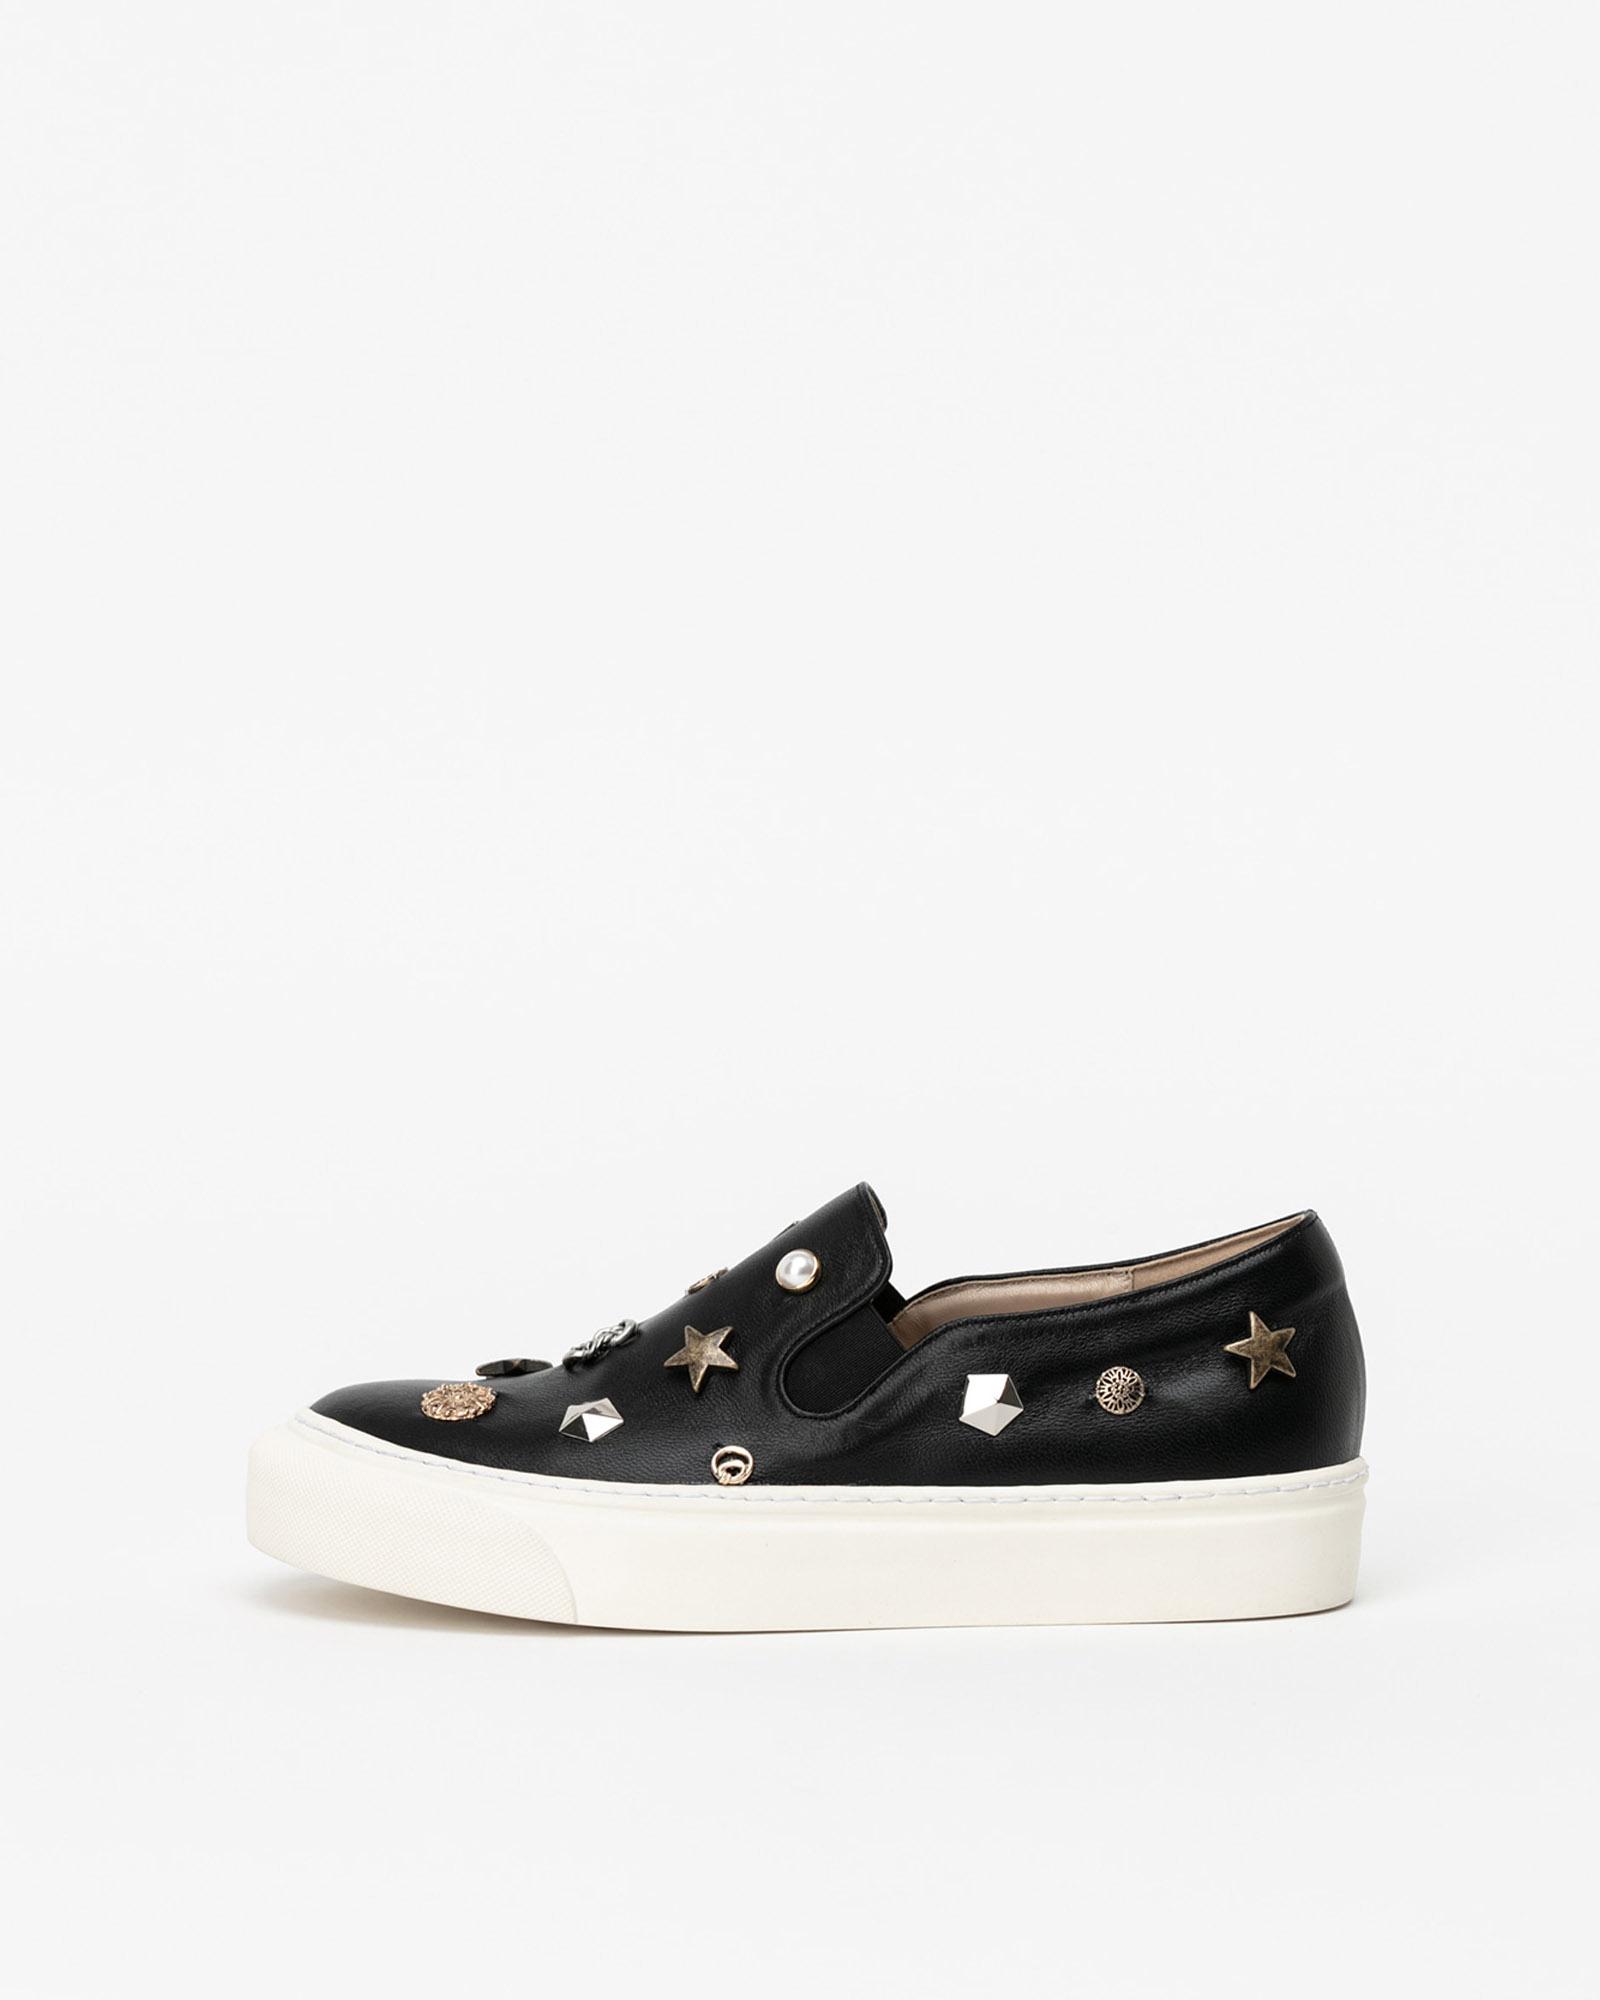 Embel Slip-on Sneakers in Black